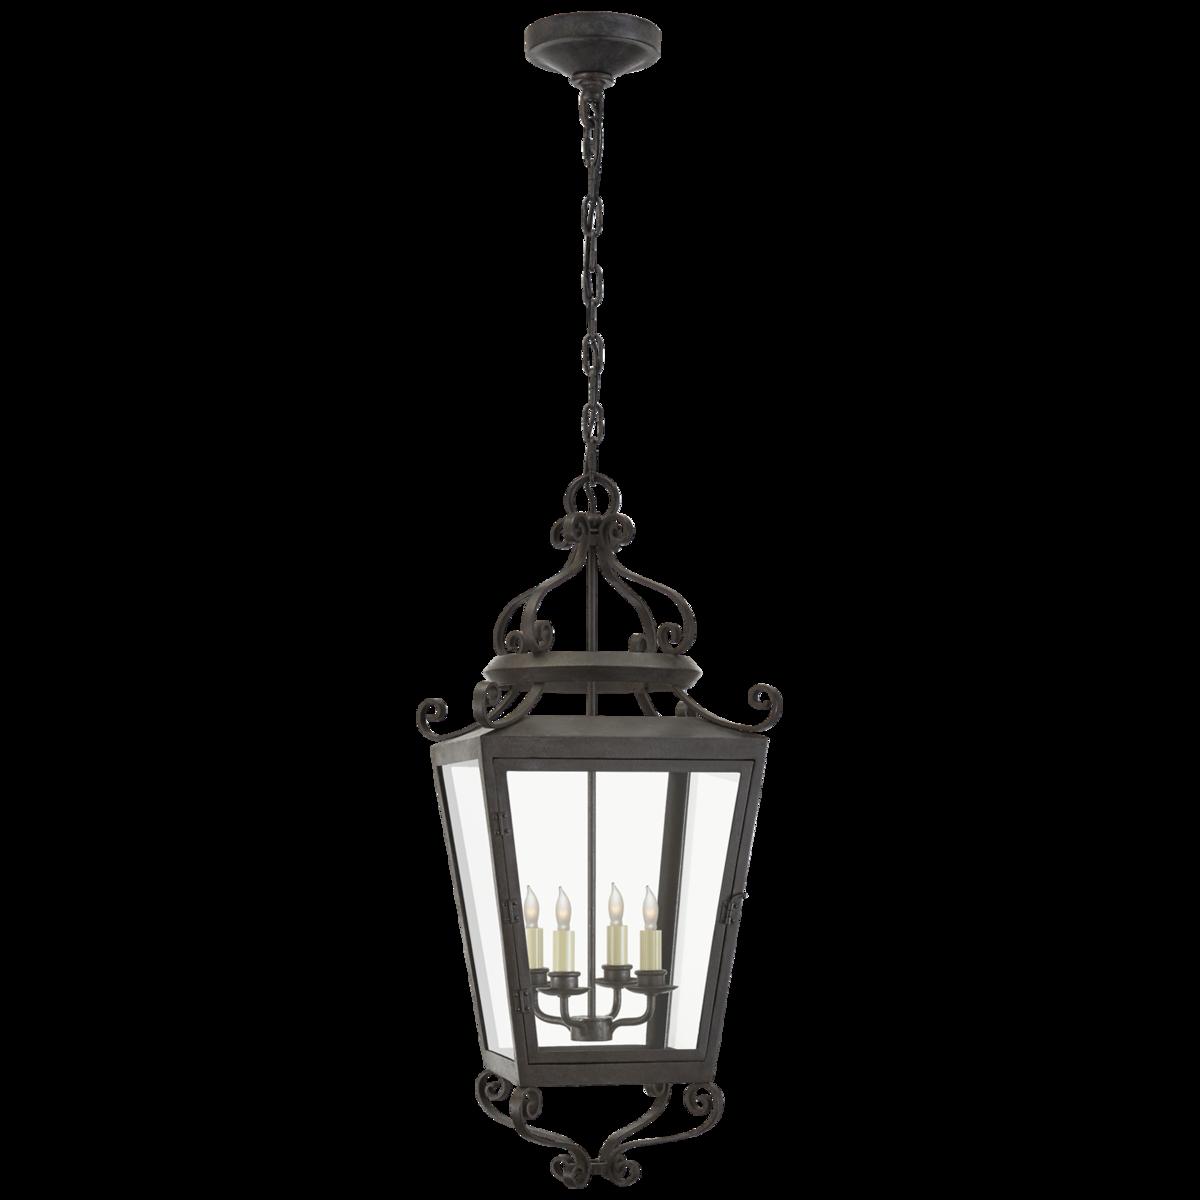 Lafayette Large Hanging Lantern